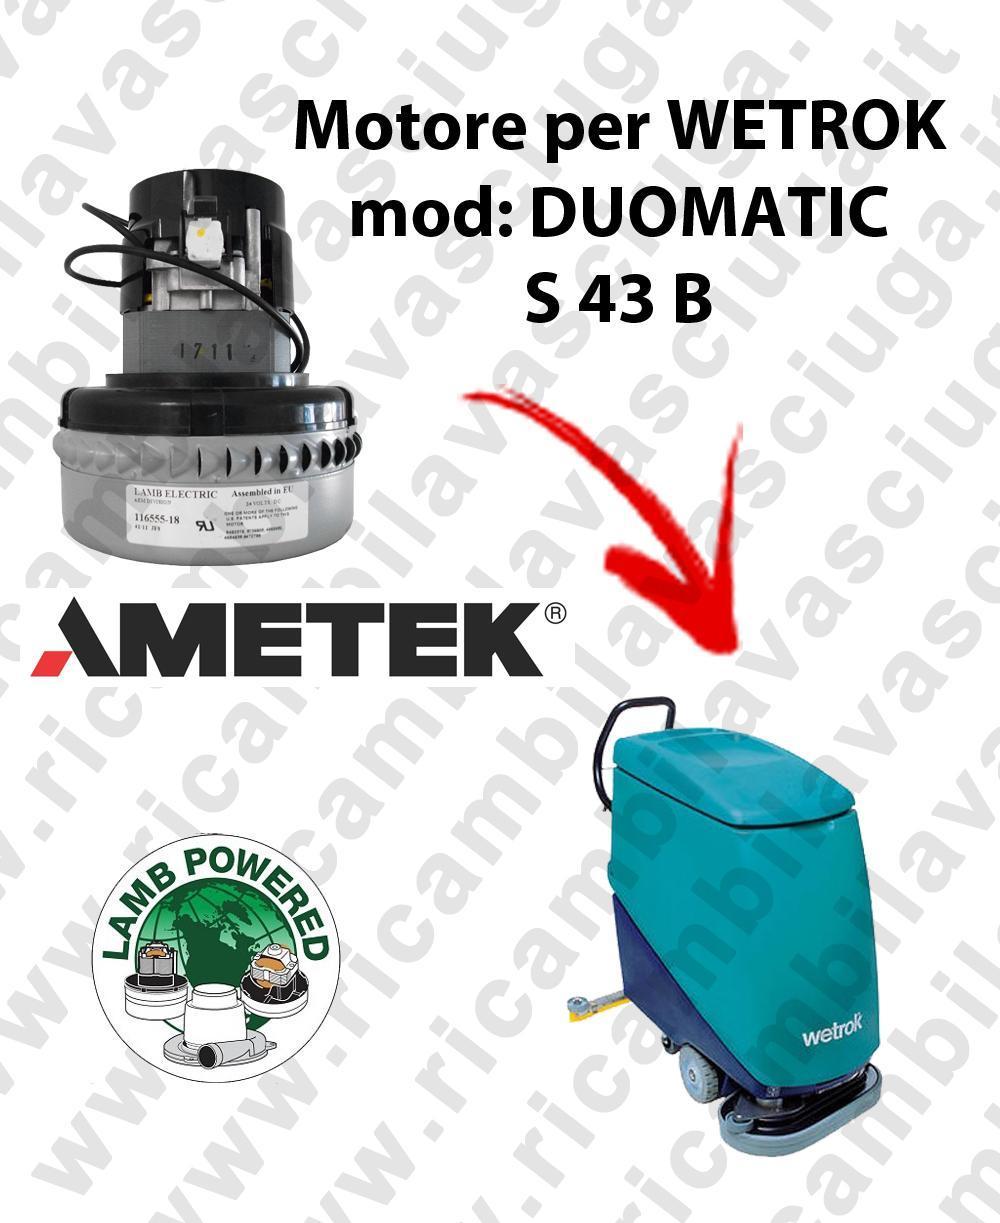 DUOMATIC S 43 B MOTEUR ASPIRATION LAMB AMATEK pour autolaveuses WETROK